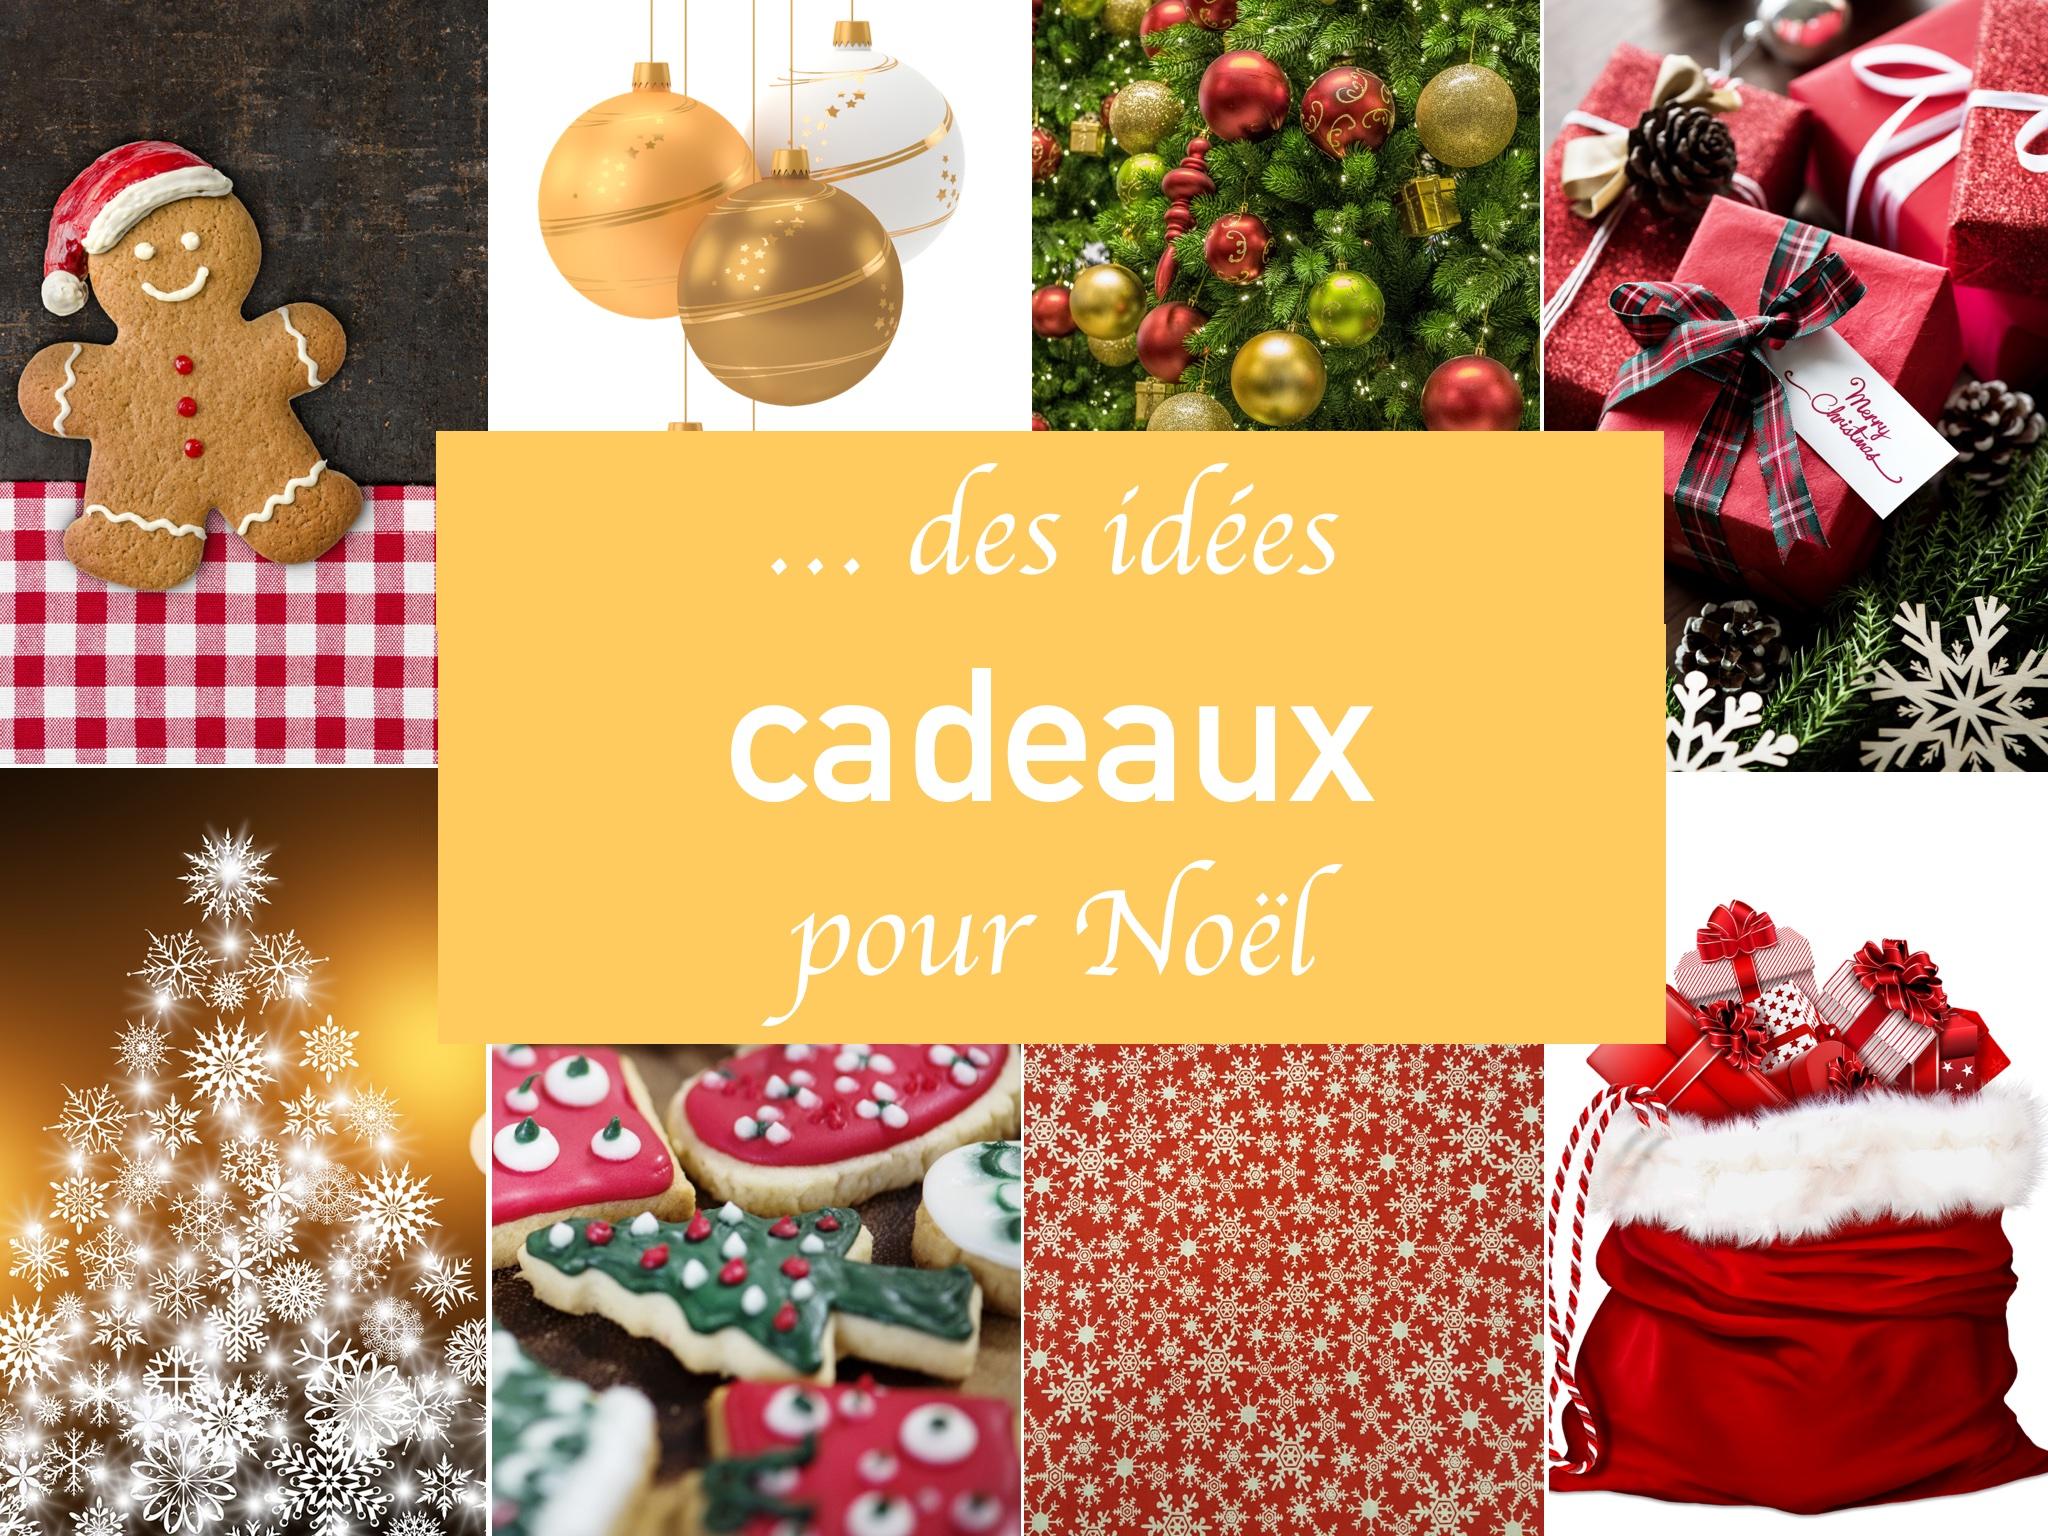 idees-cadeaux-noel-JDG